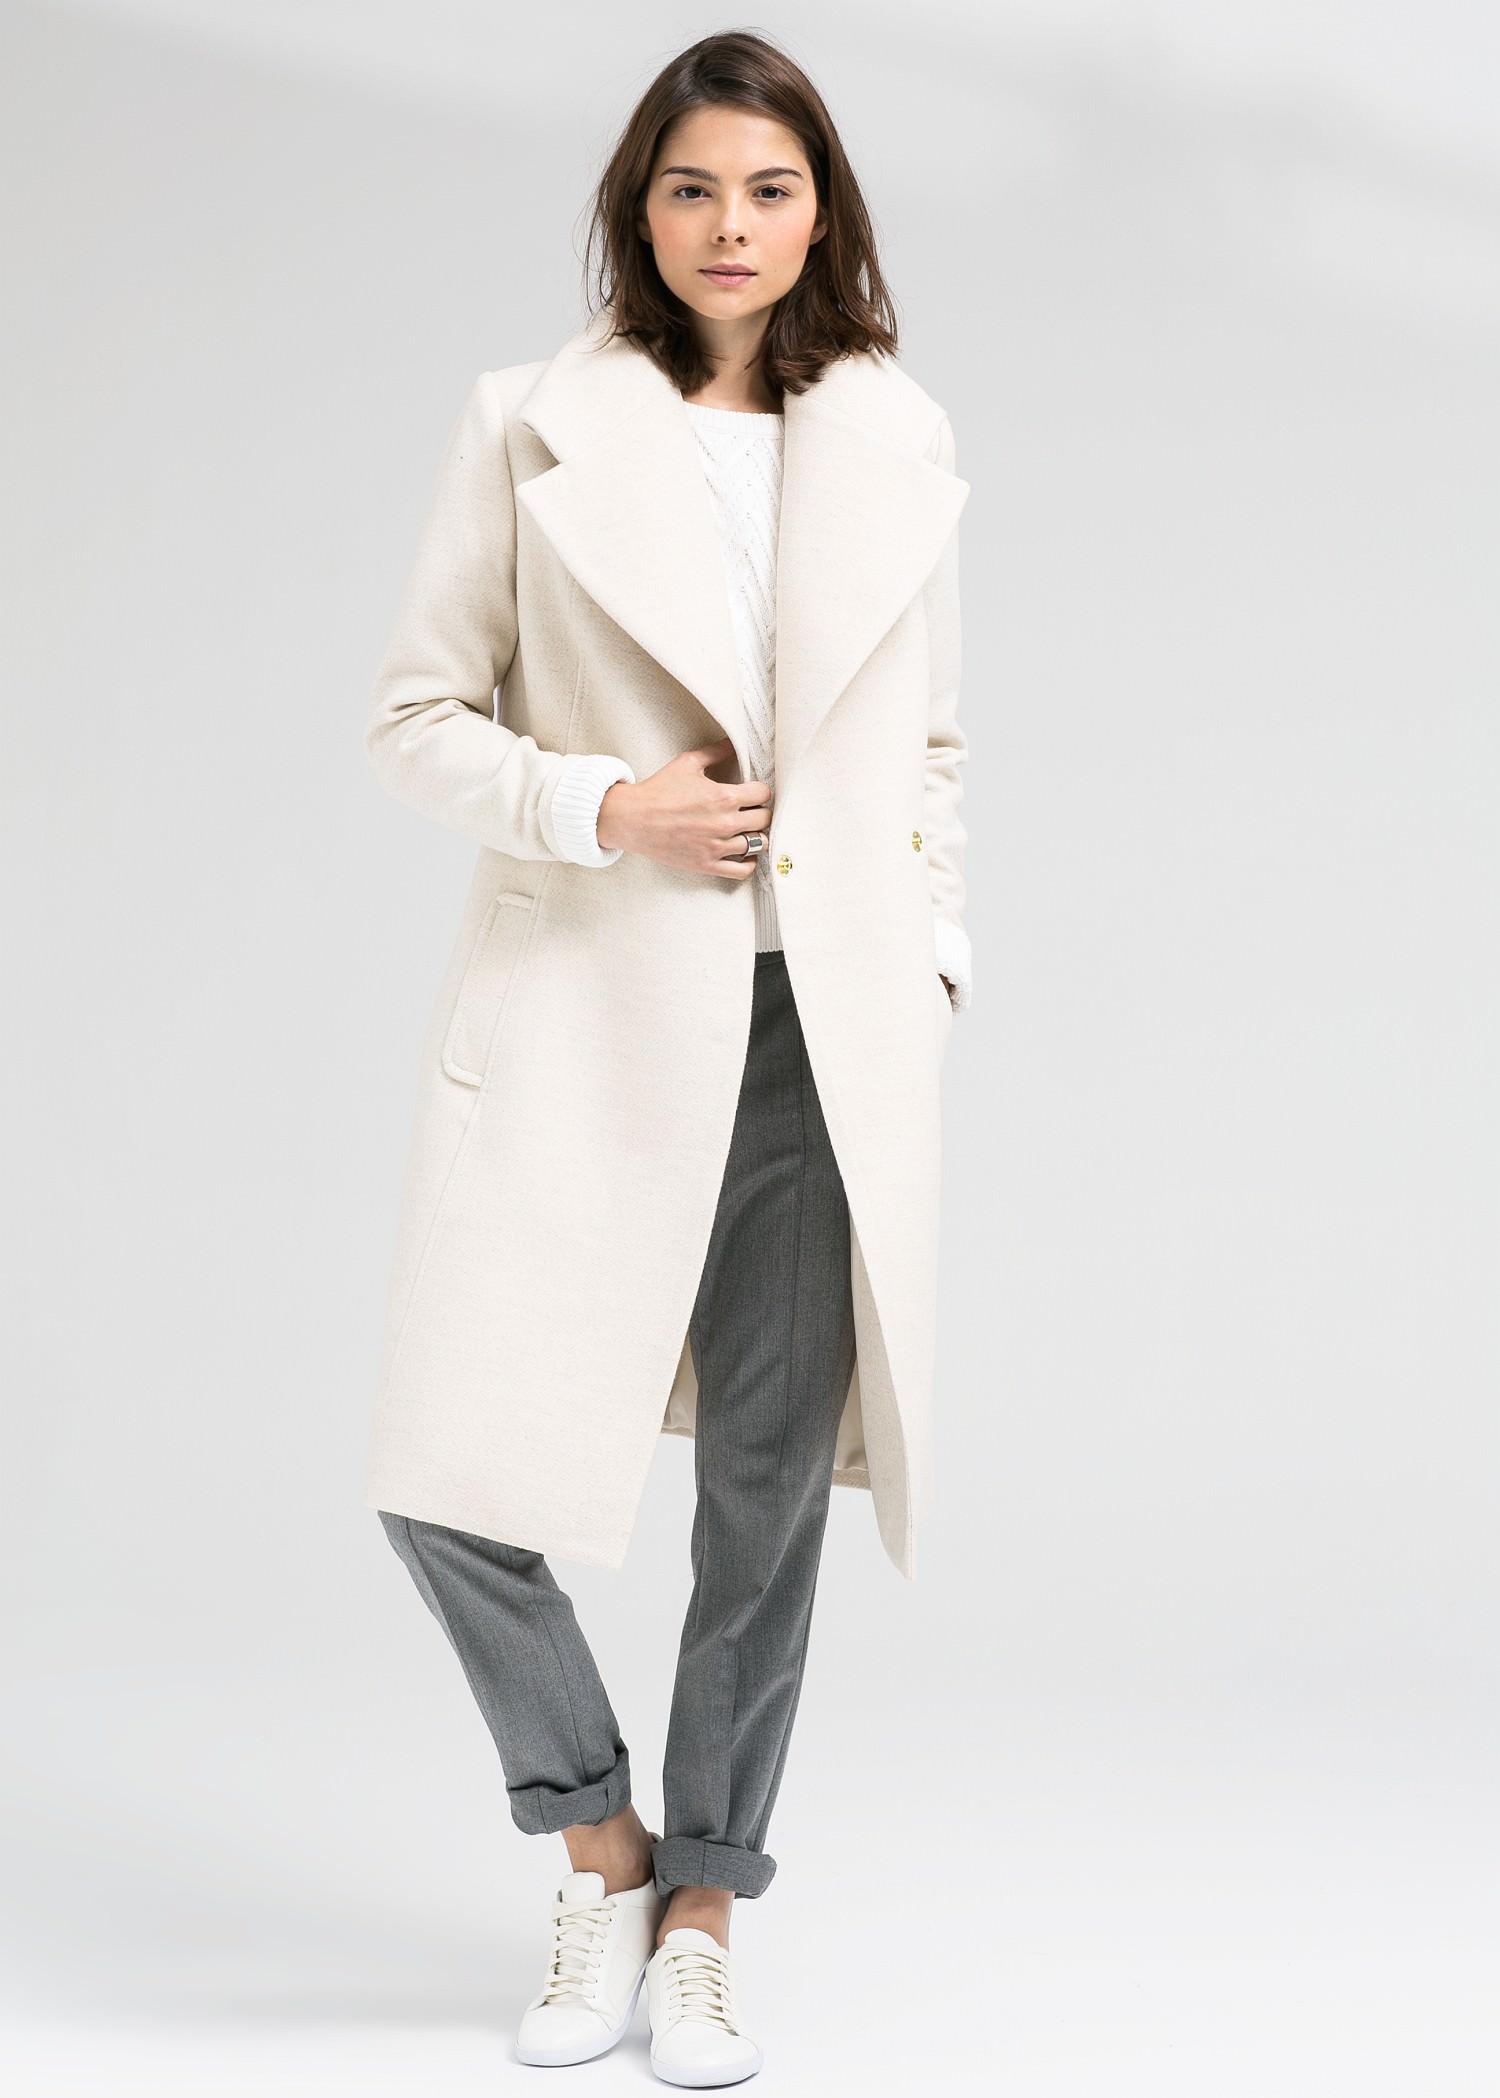 Manteau laine maxi revers